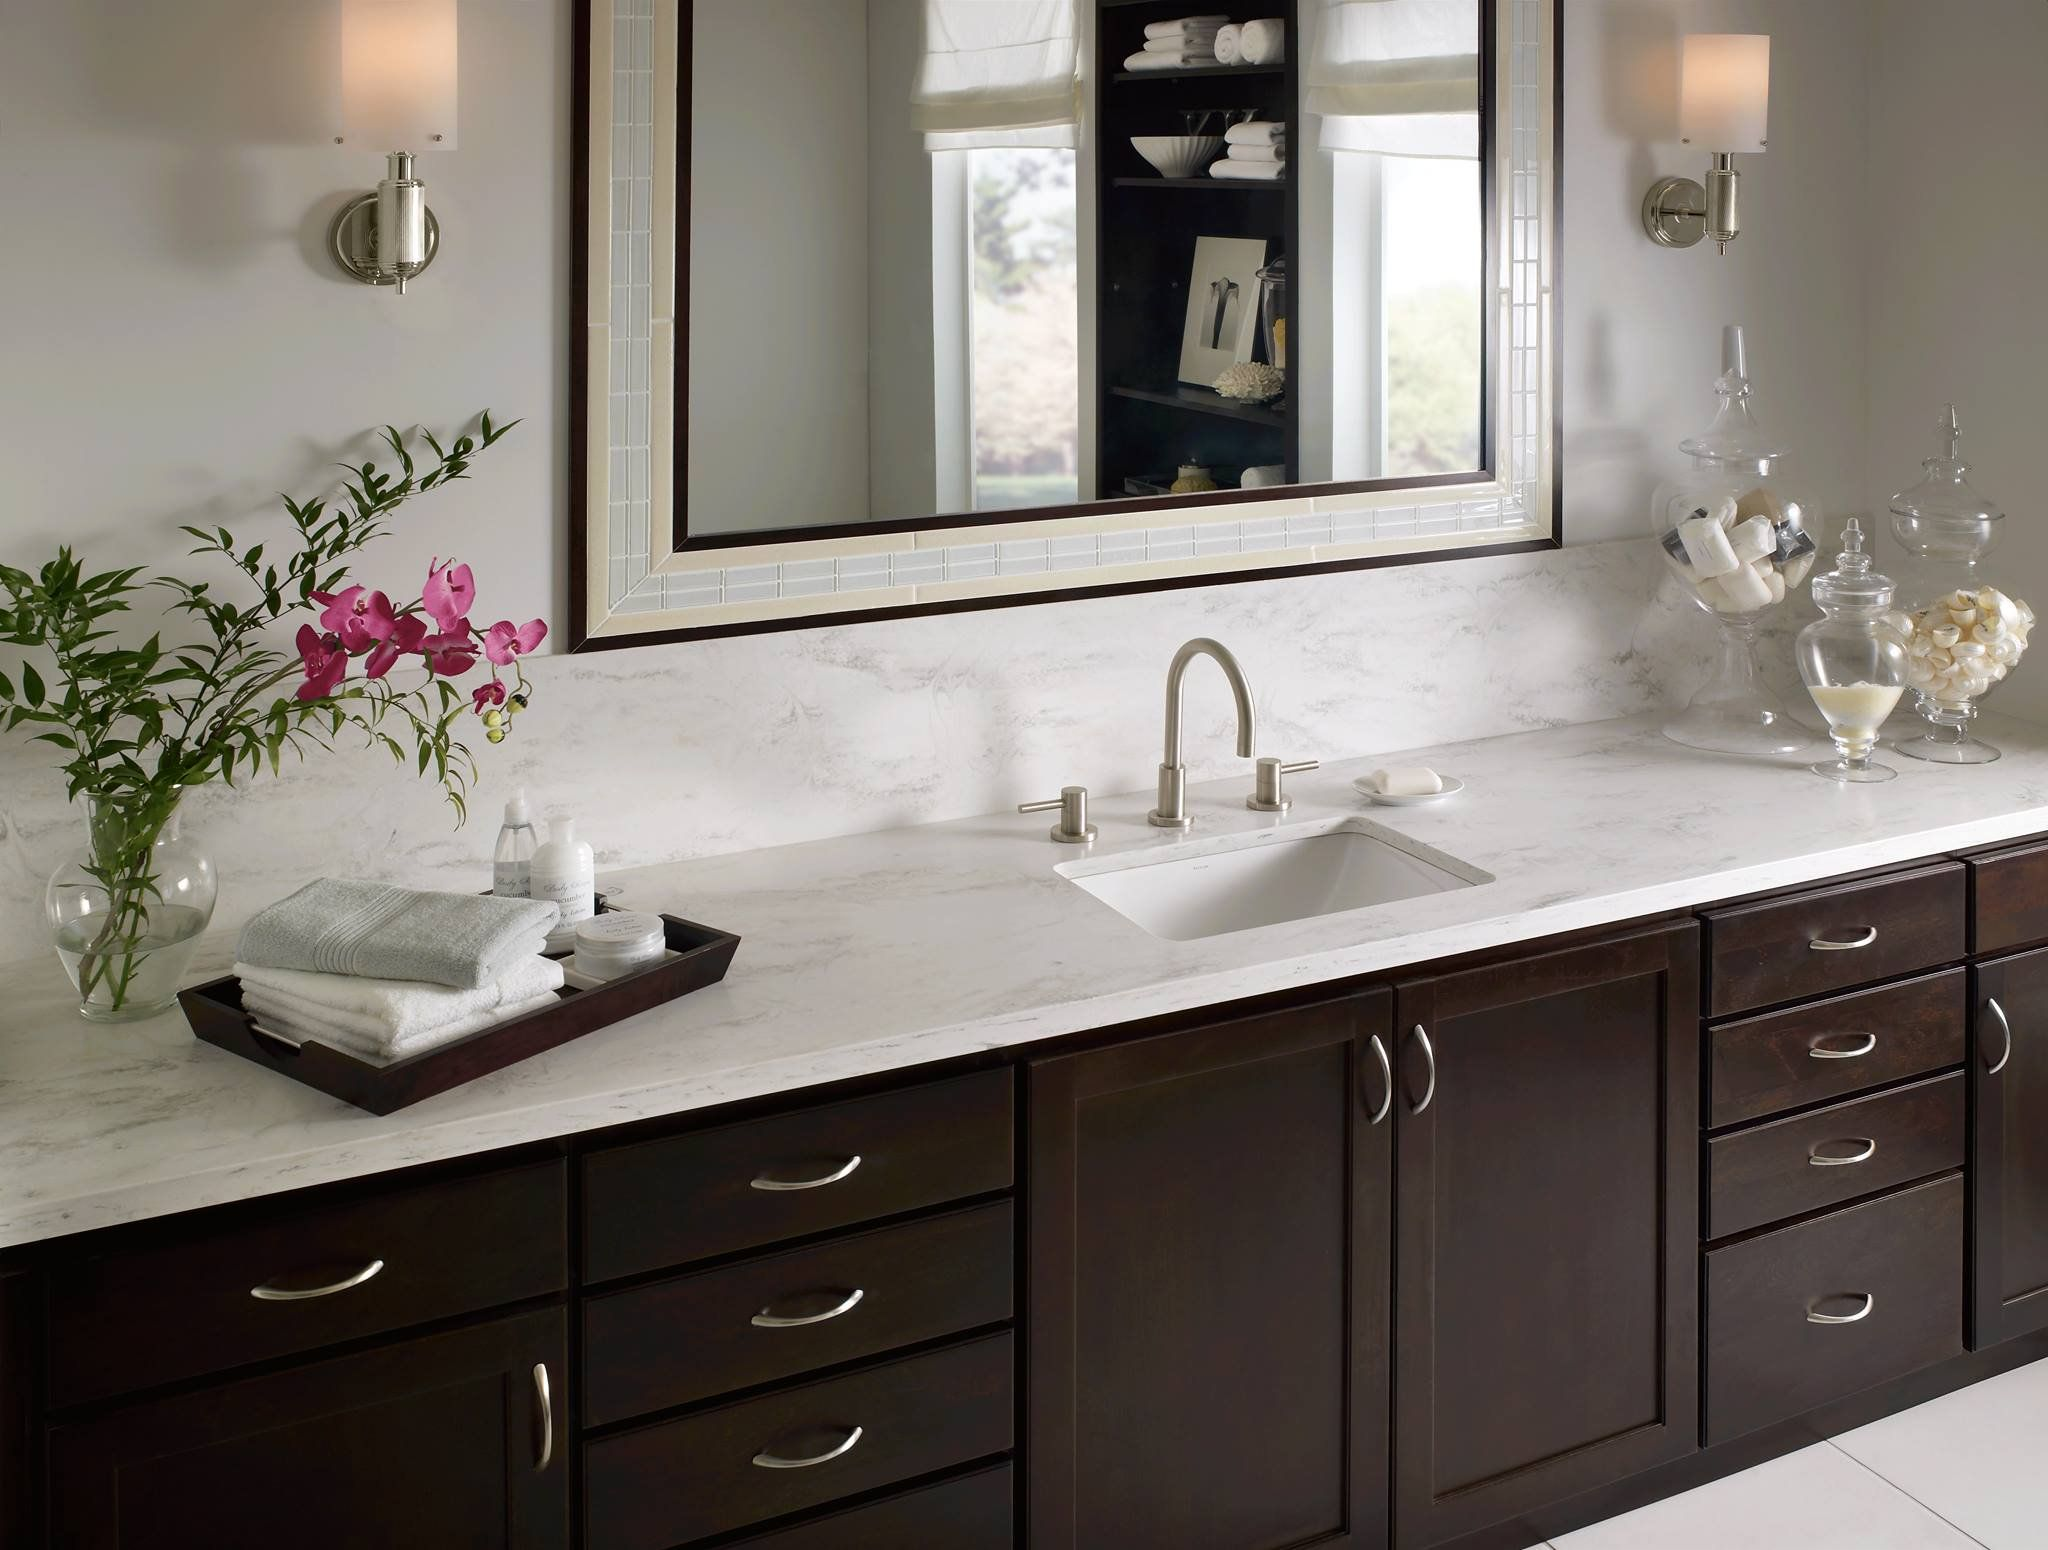 24 Corian Bathrooms Ideas In 2021 Corian Bathroom Corian Countertops